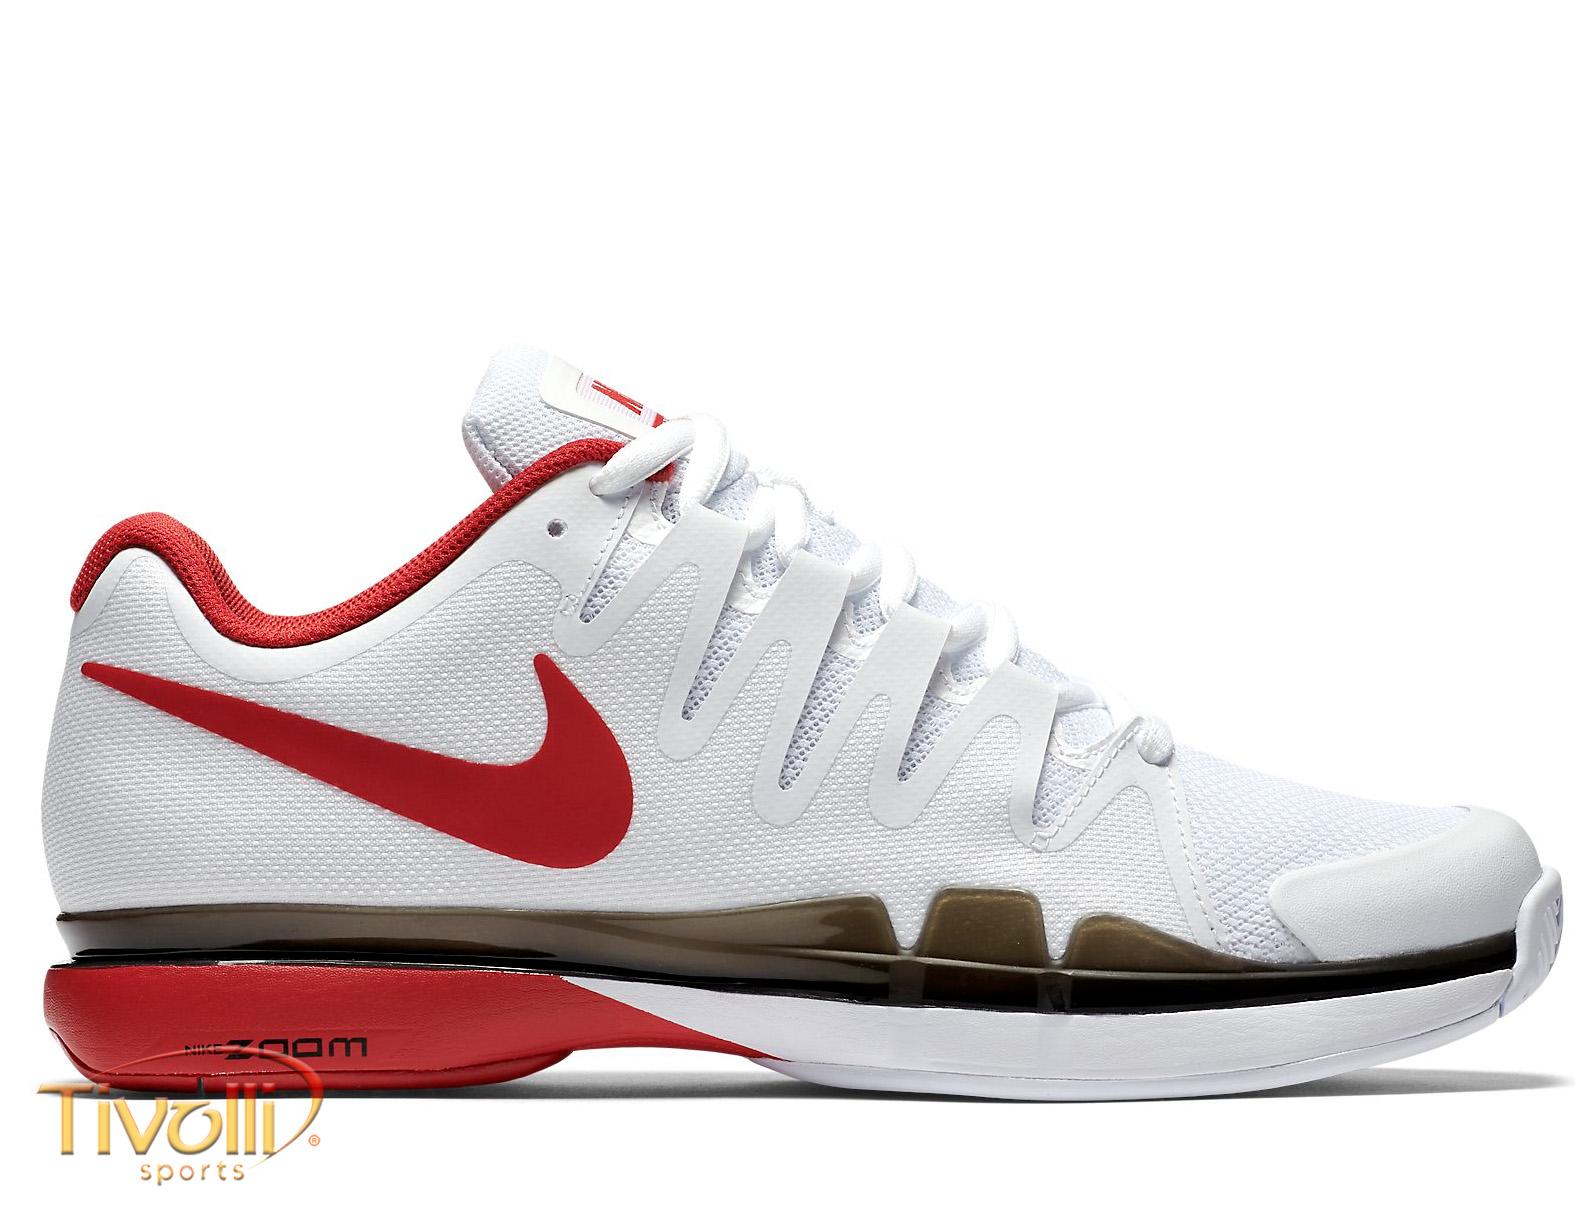 ca8af675b12 Tênis Nike Zoom Vapor 9.5 Tour Branco e Vermelho. Código  631458 160. De  R   599 ...